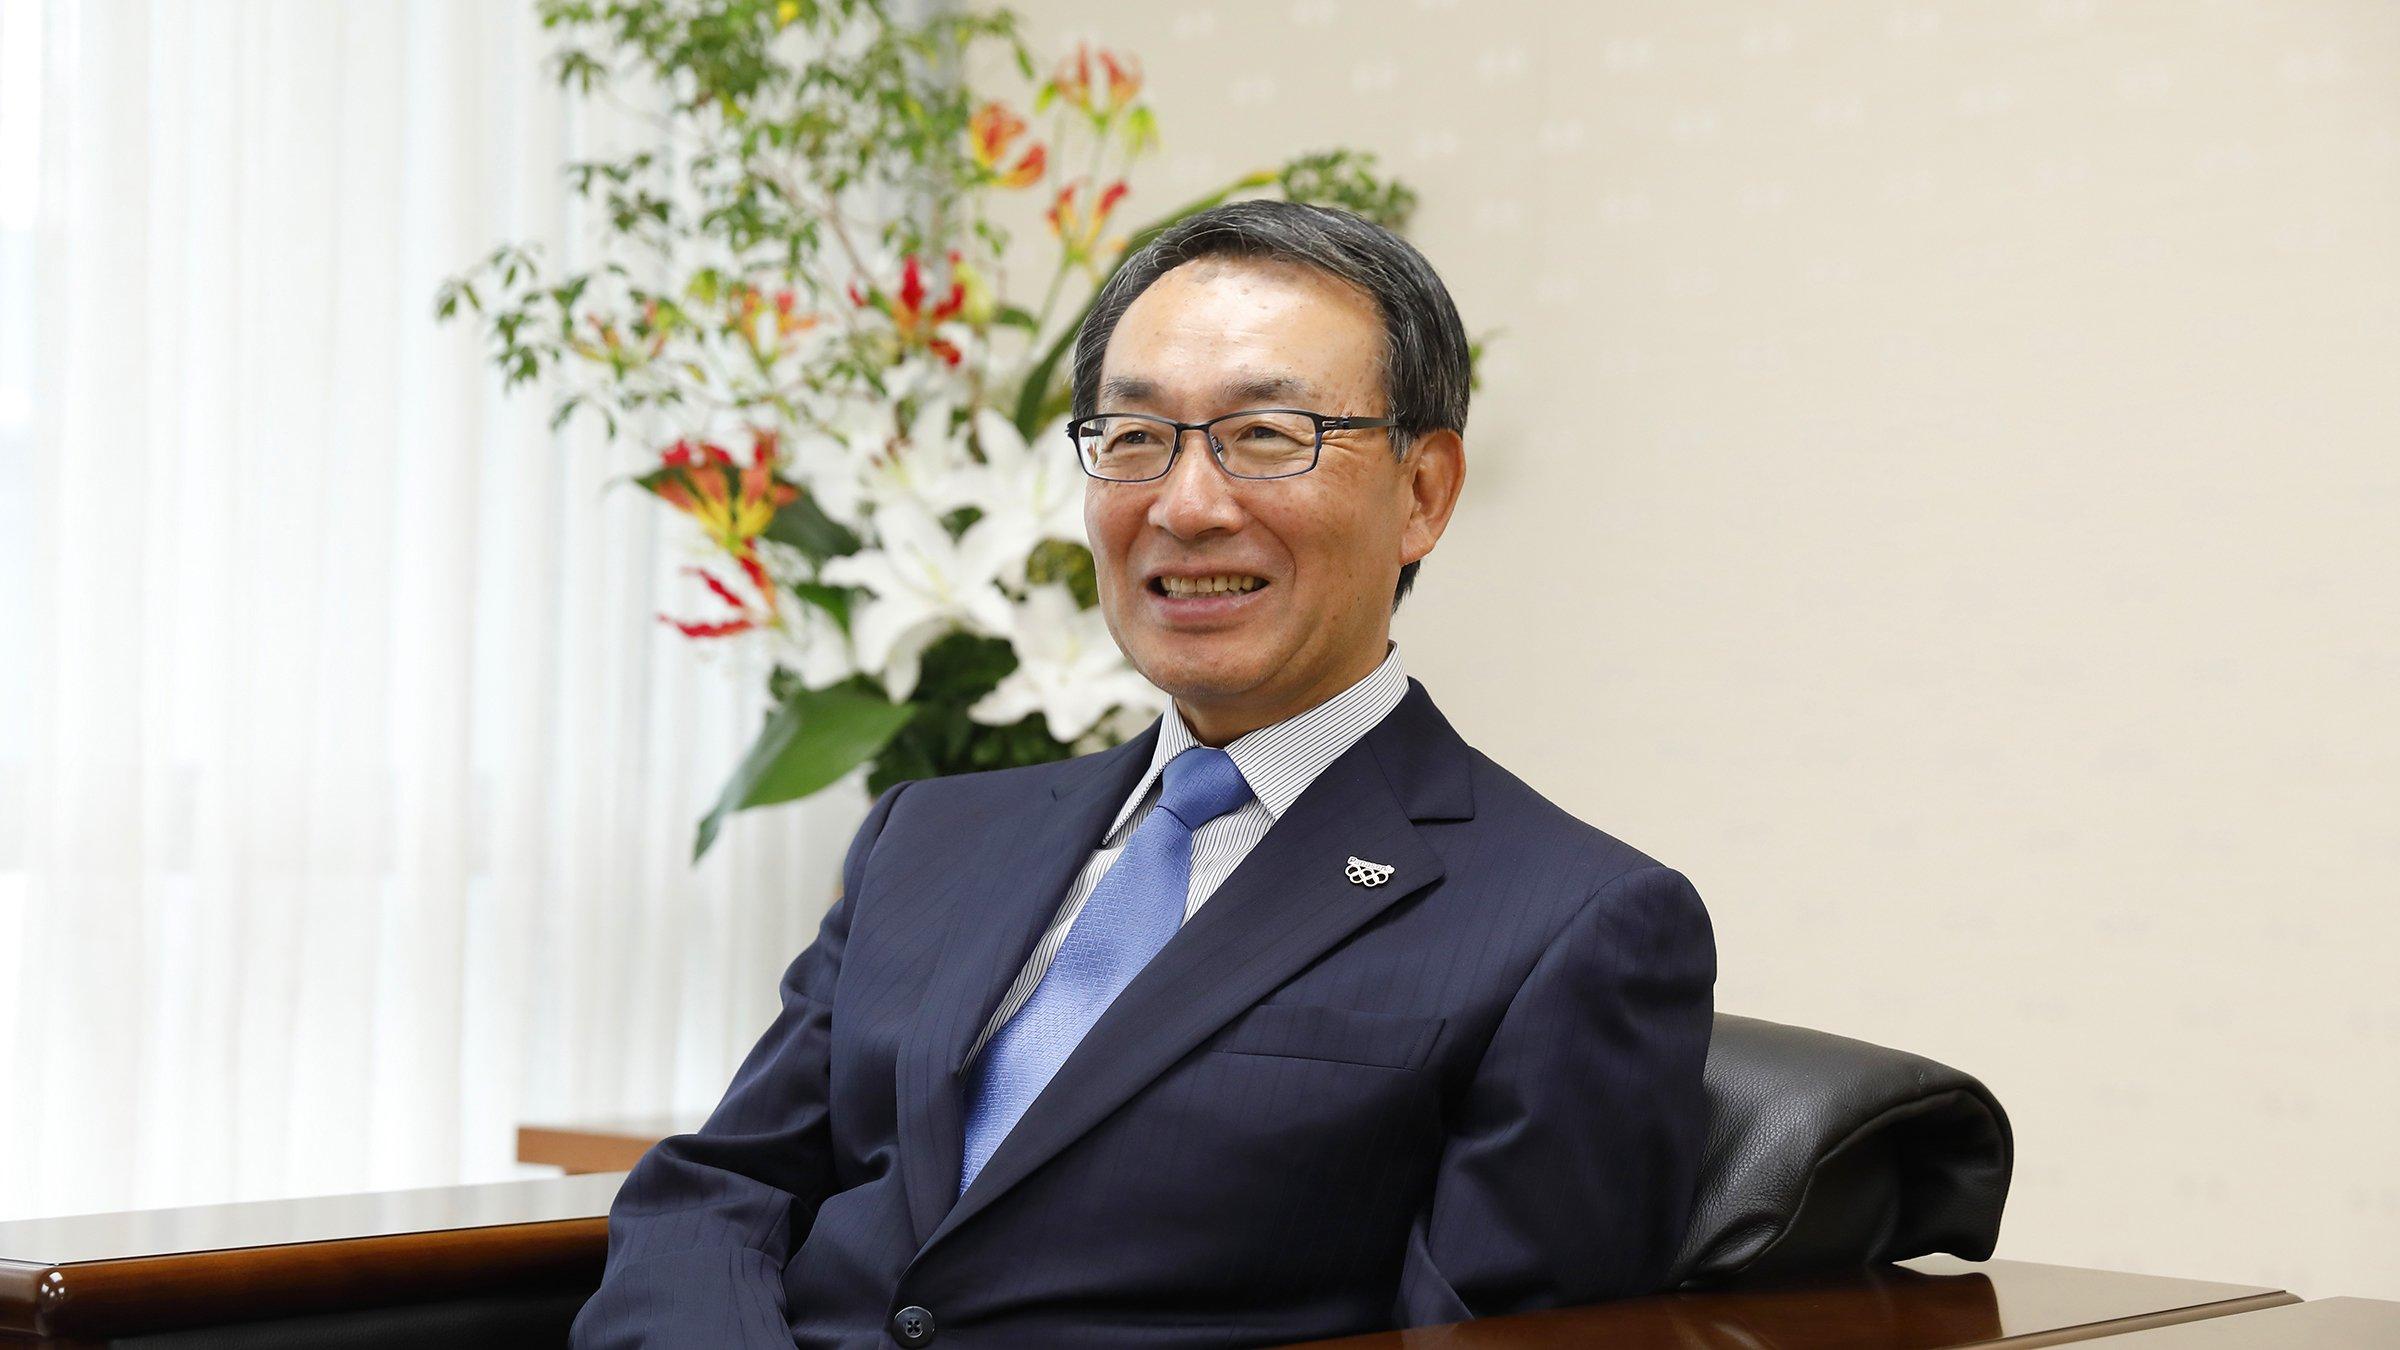 年頭にあたり、津賀社長が従業員に語ったこと